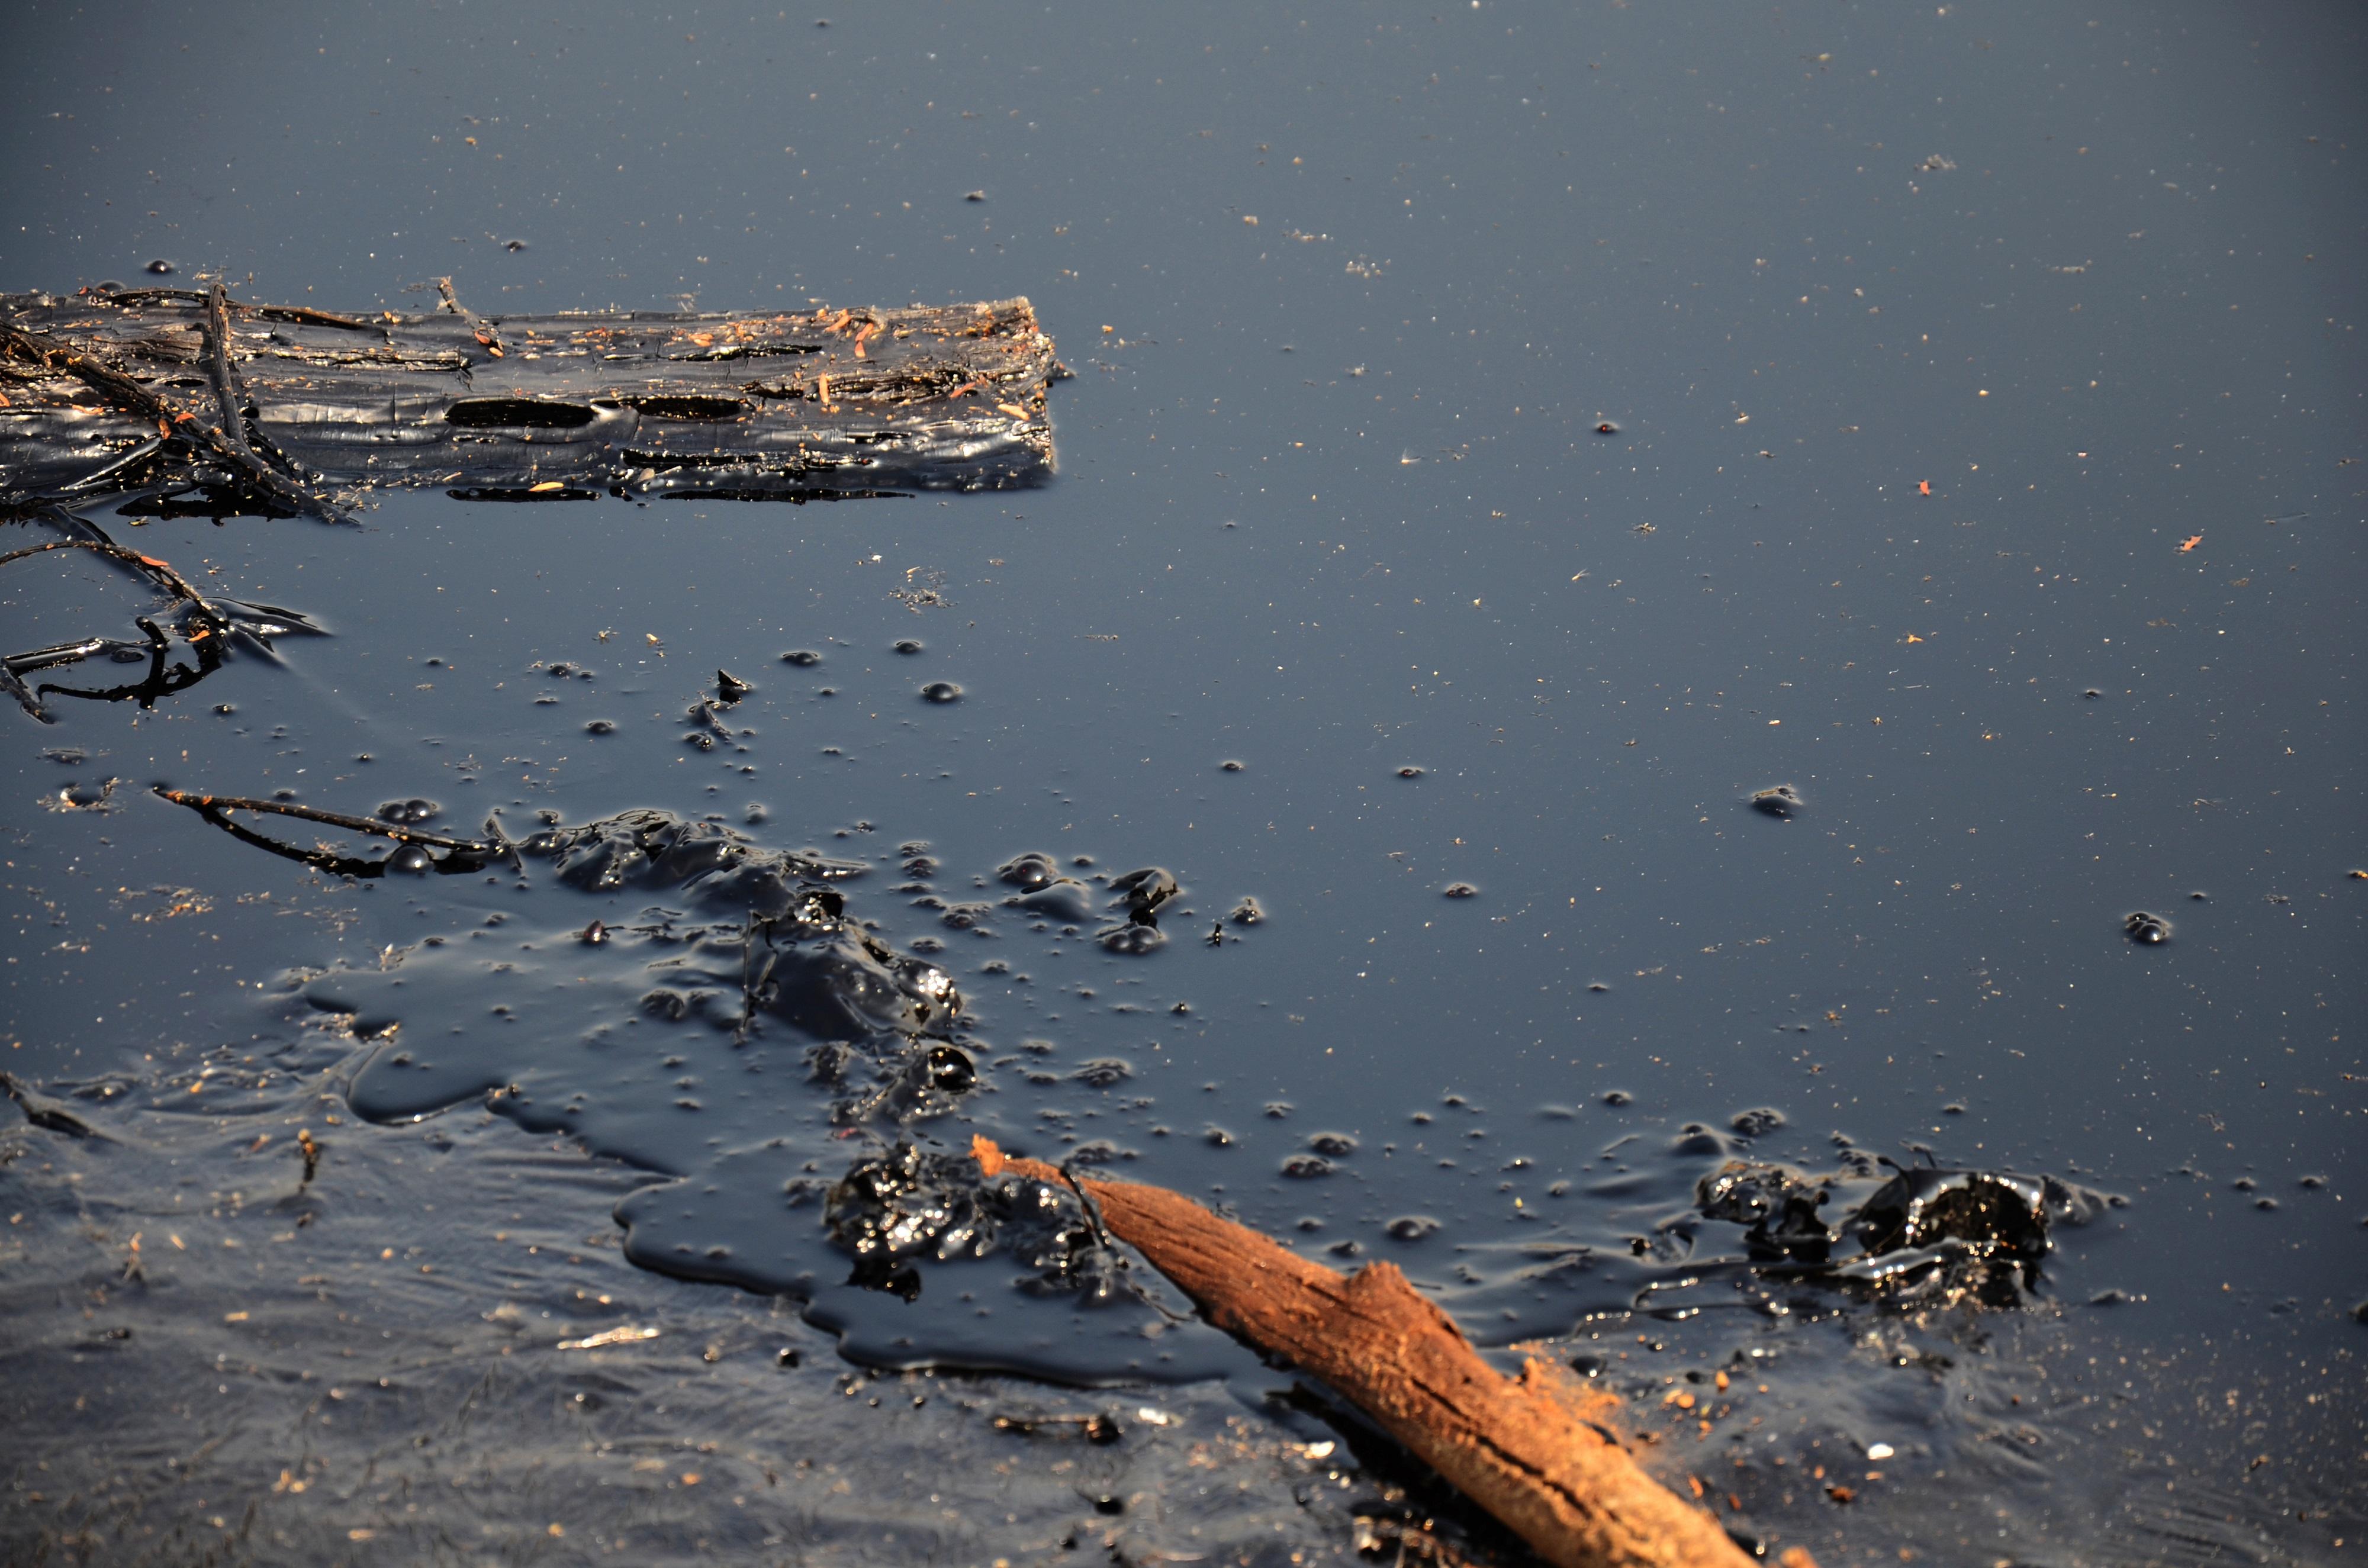 Die Umweltverschmutzung durch Öl zerstört die Lebensgrundlage der Einwohner. | Bild (Ausschnitt): © Tuayai - Dreamstime